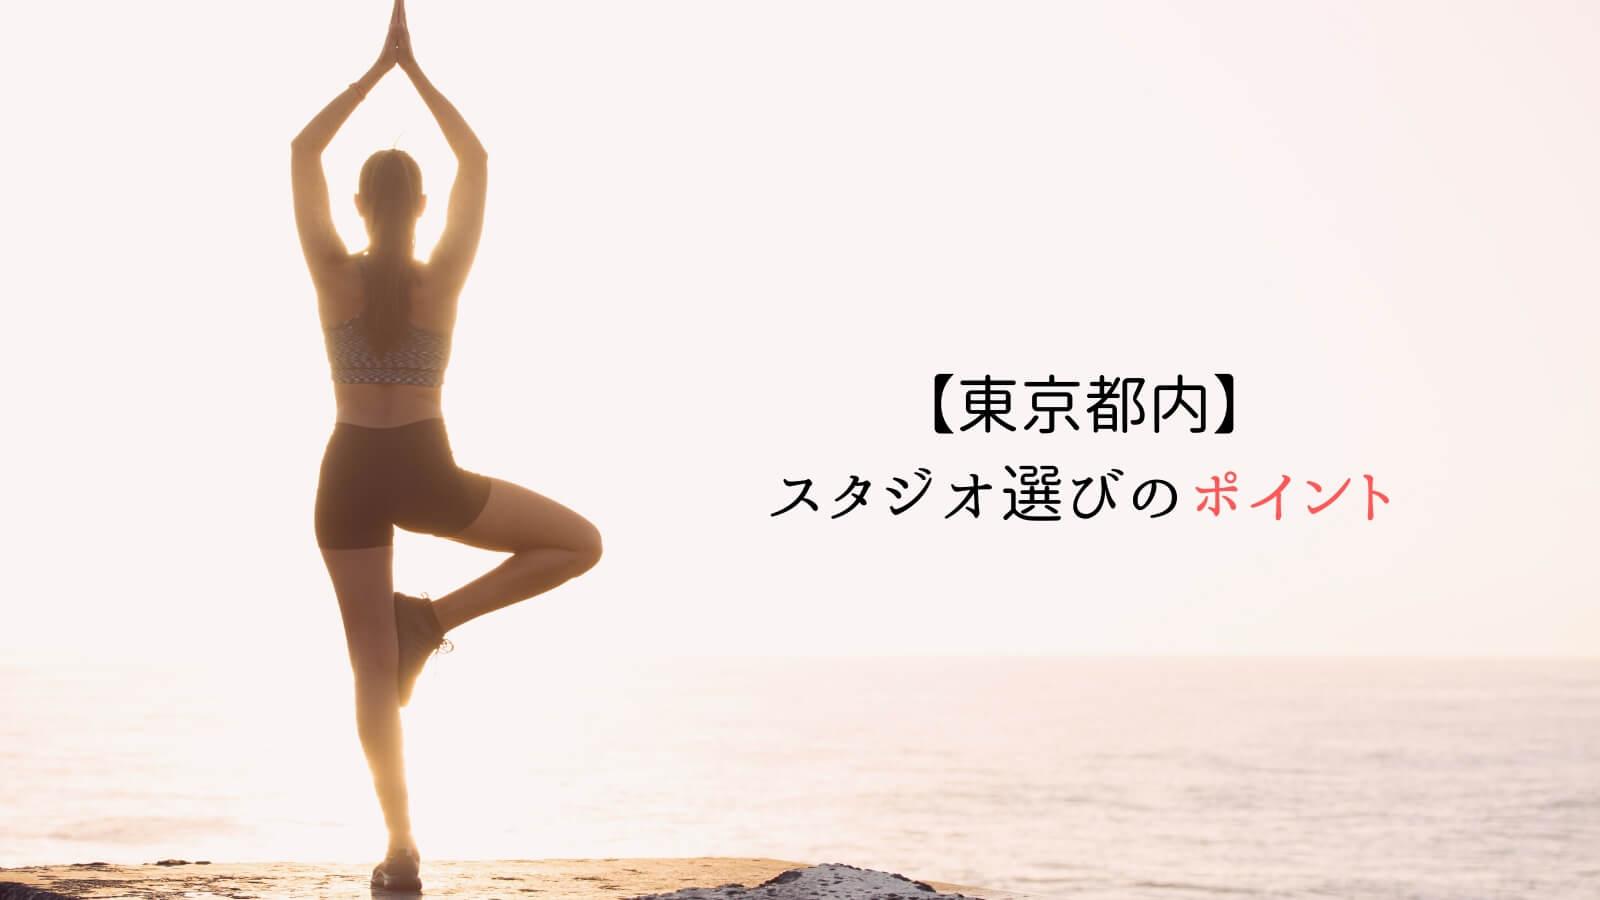 東京でおすすめのヨガスタジオを選ぶポイント